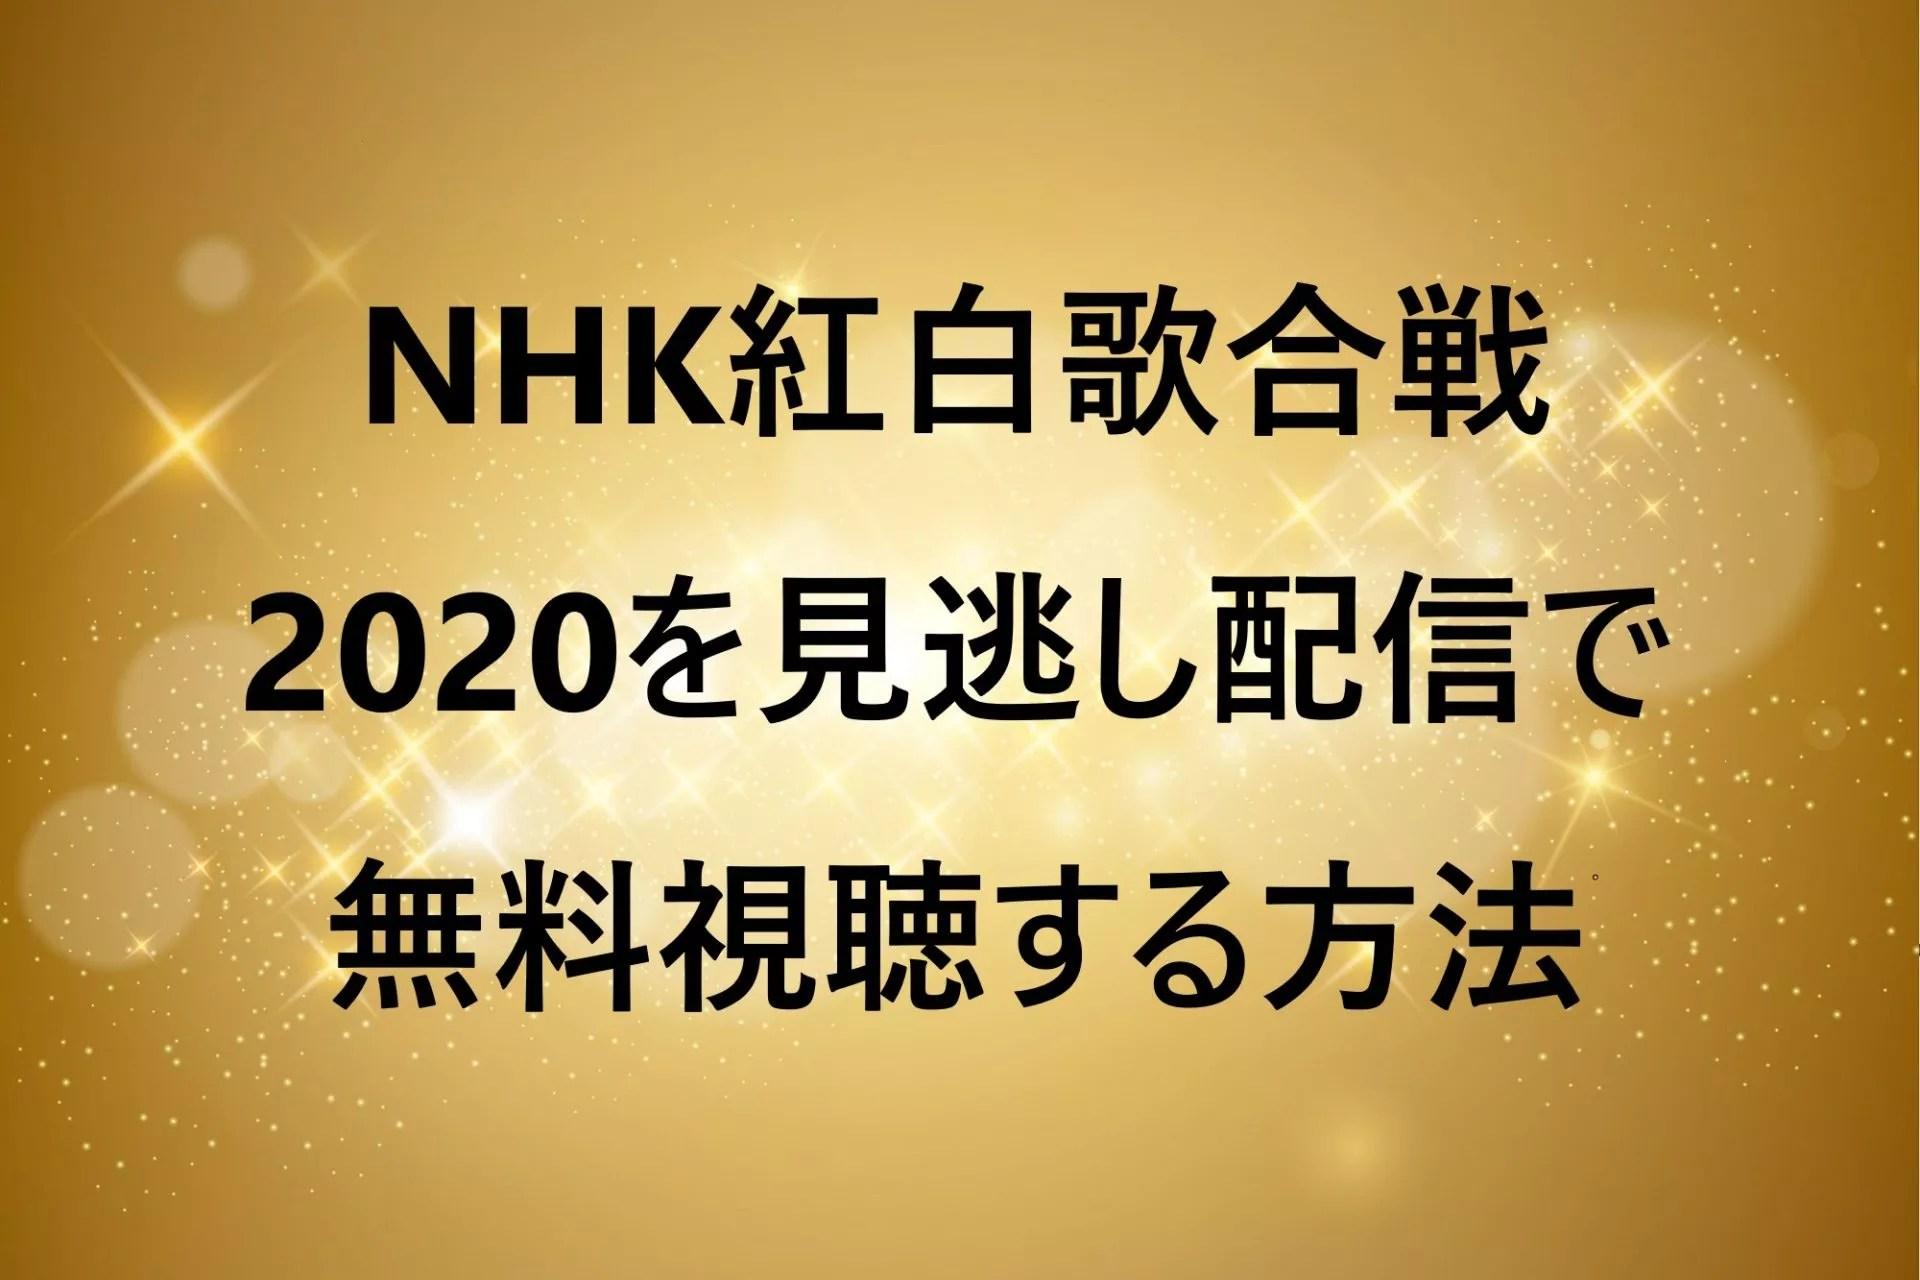 『NHK紅白歌合戦(2020)』動画フルを見逃し配信で無料視聴する方法